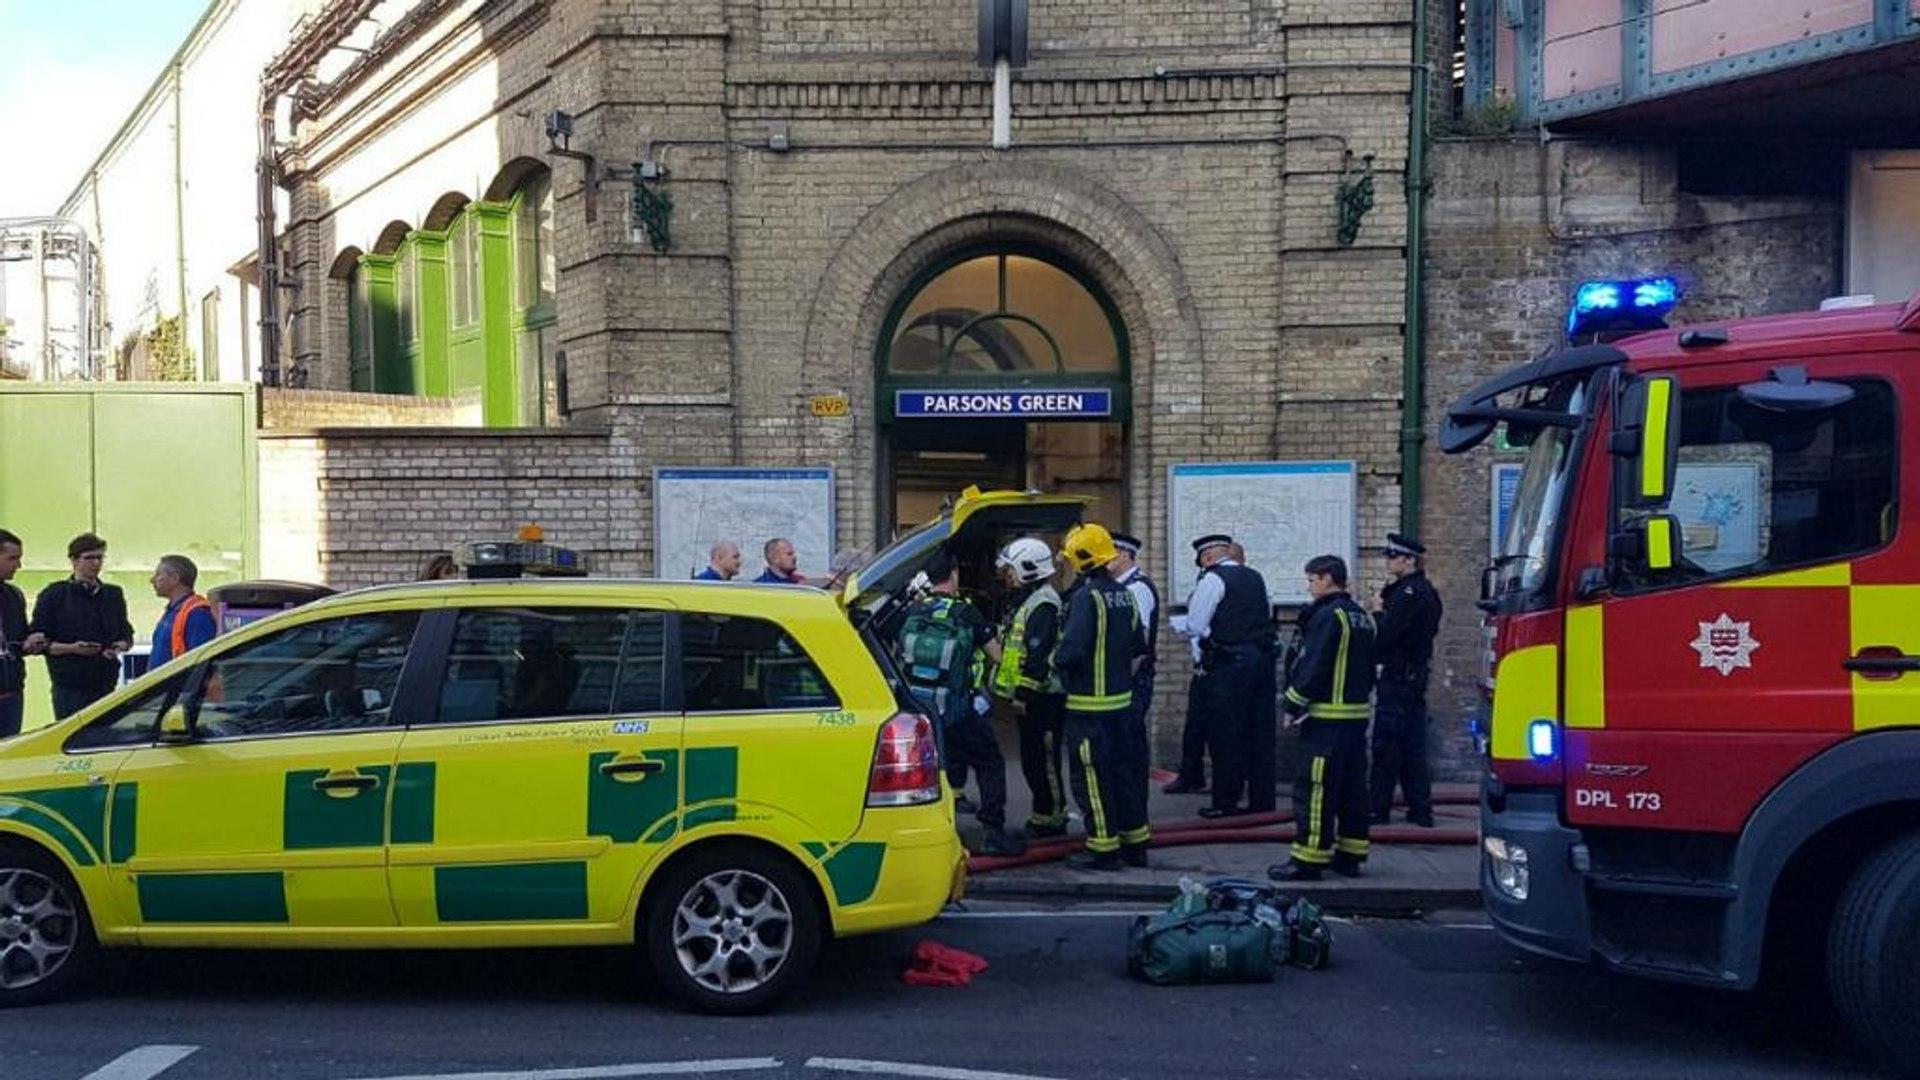 Robbanás történt a londoni metróban, a Parsons Green állomásnál, egy ember megsérült